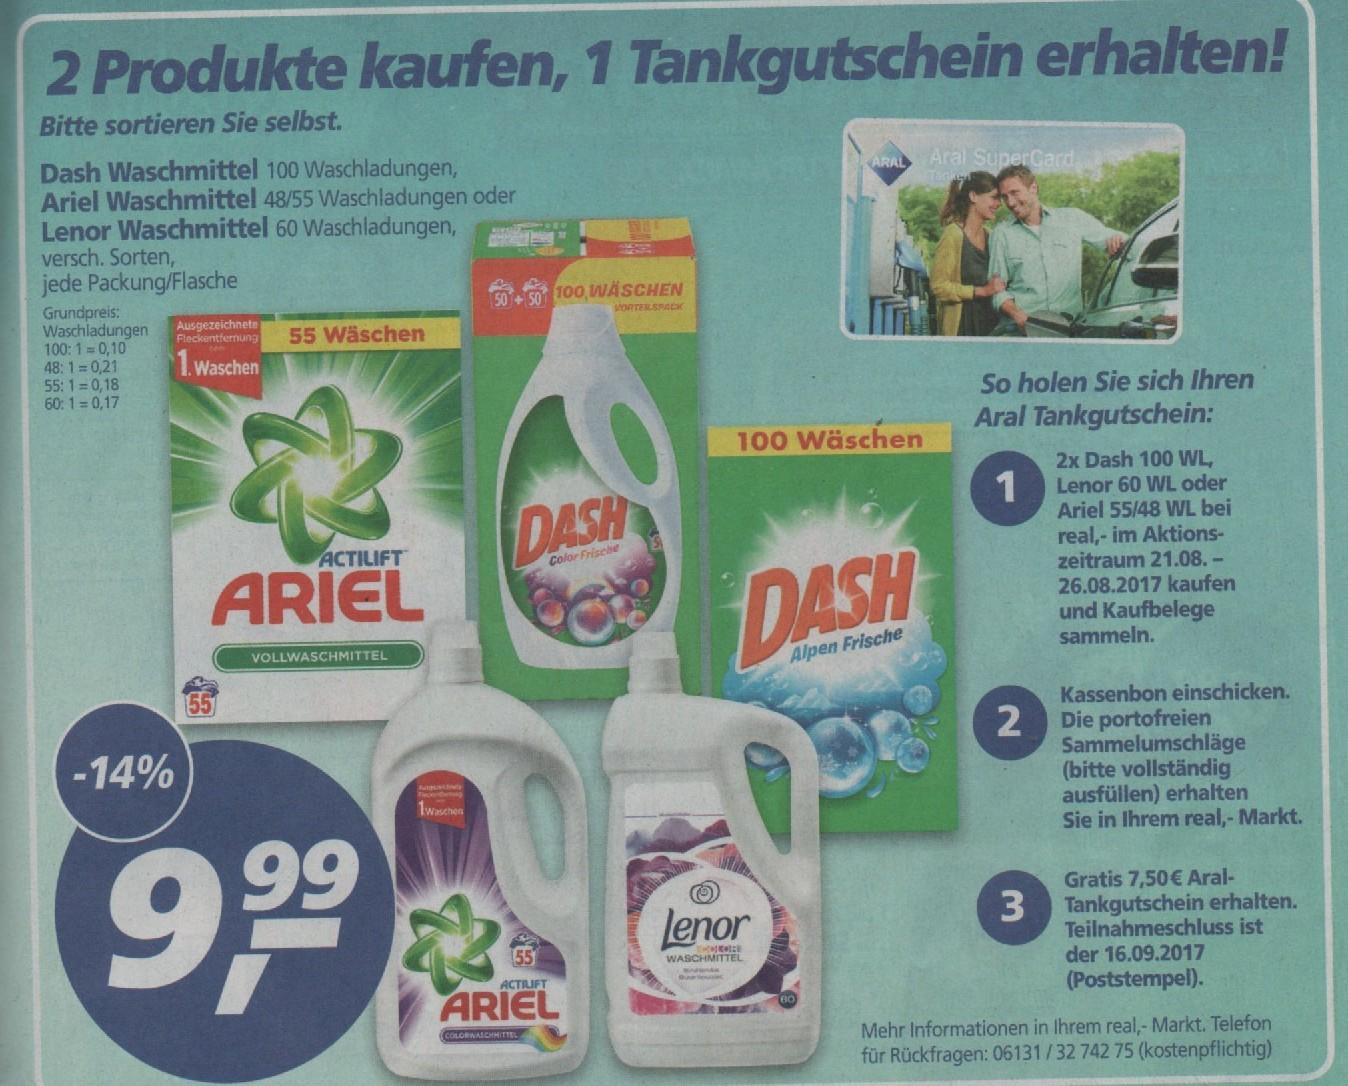 [real,- ab 21.08.] 2x Dash/Lenor/Ariel Waschmittel kaufen = 7,50€ Aral Tankgutschein [<7ct/WL]